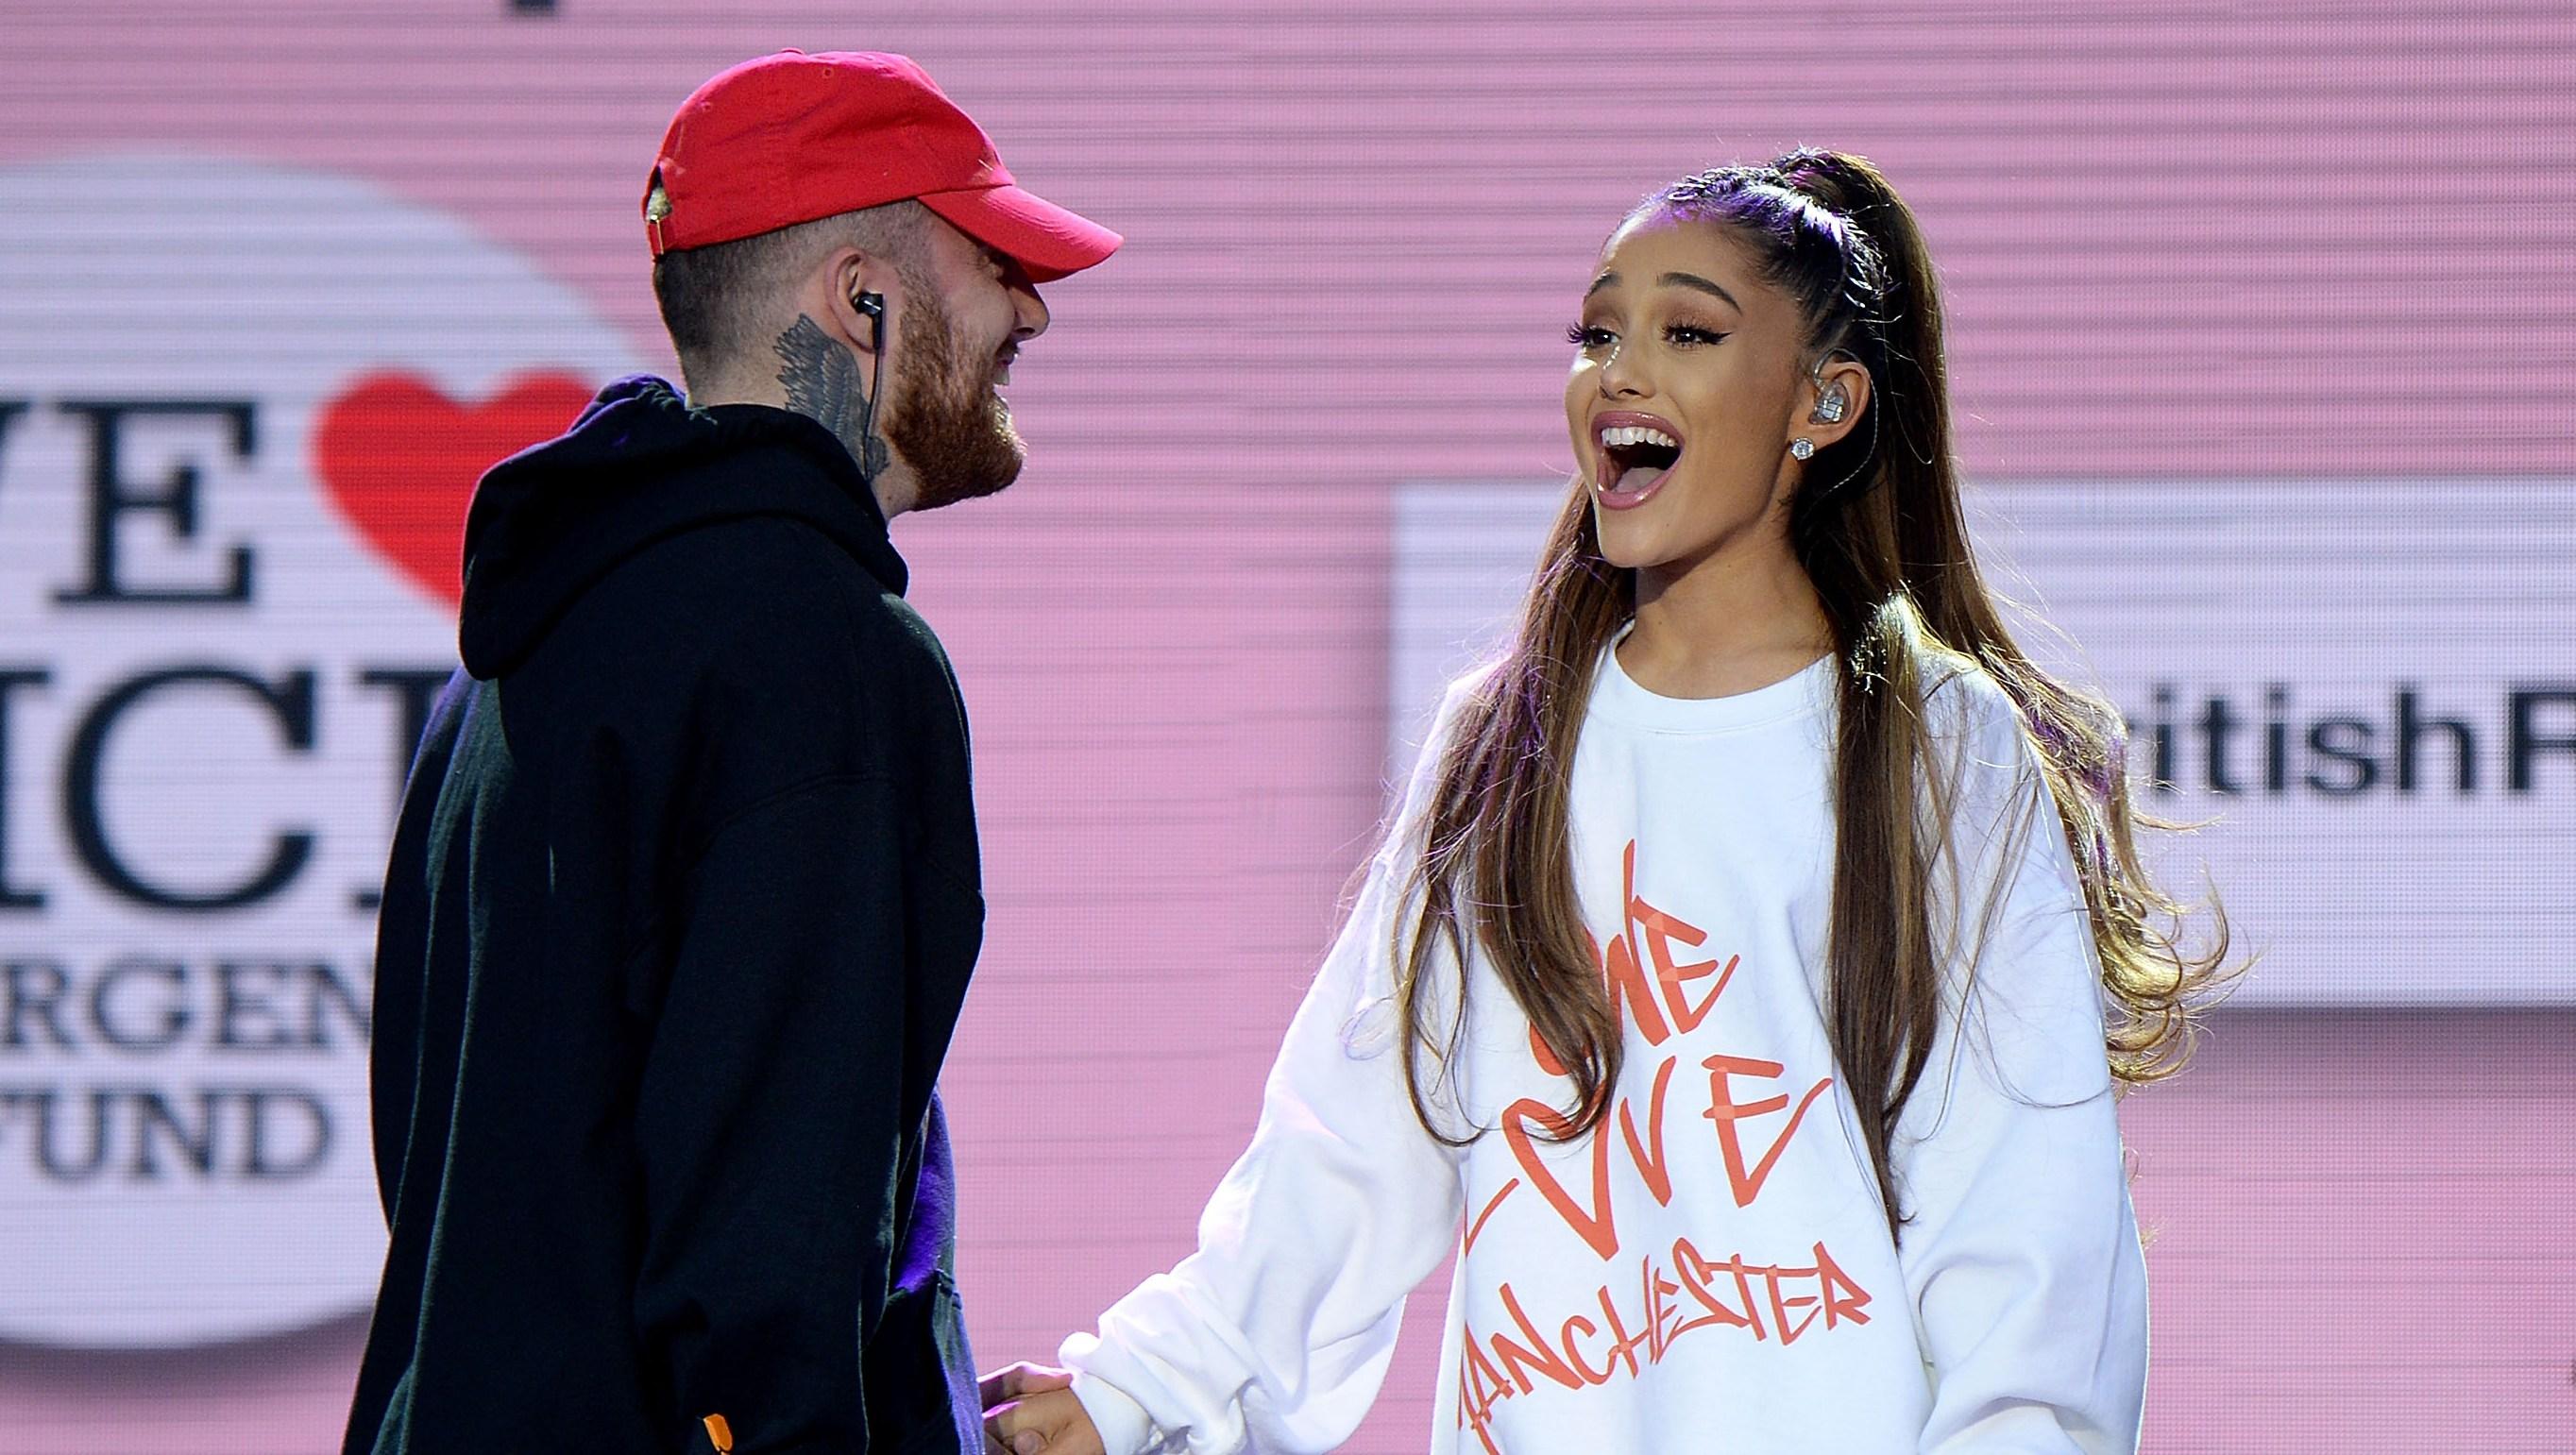 Ariana Grande Mac Miller